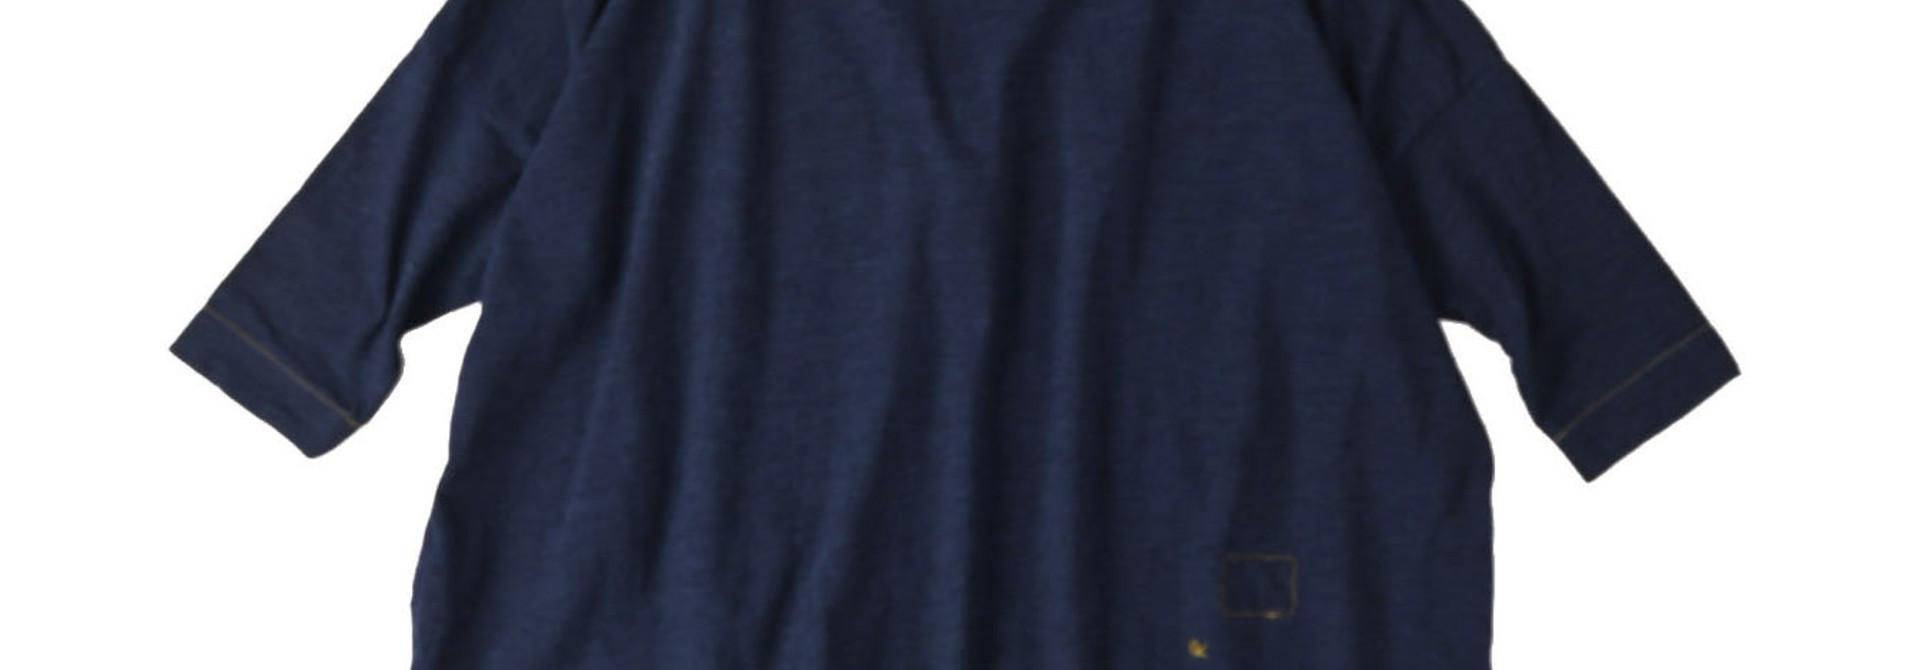 Indigo Nou Zimbabwe Cotton Big Slit T-shirt (0721)